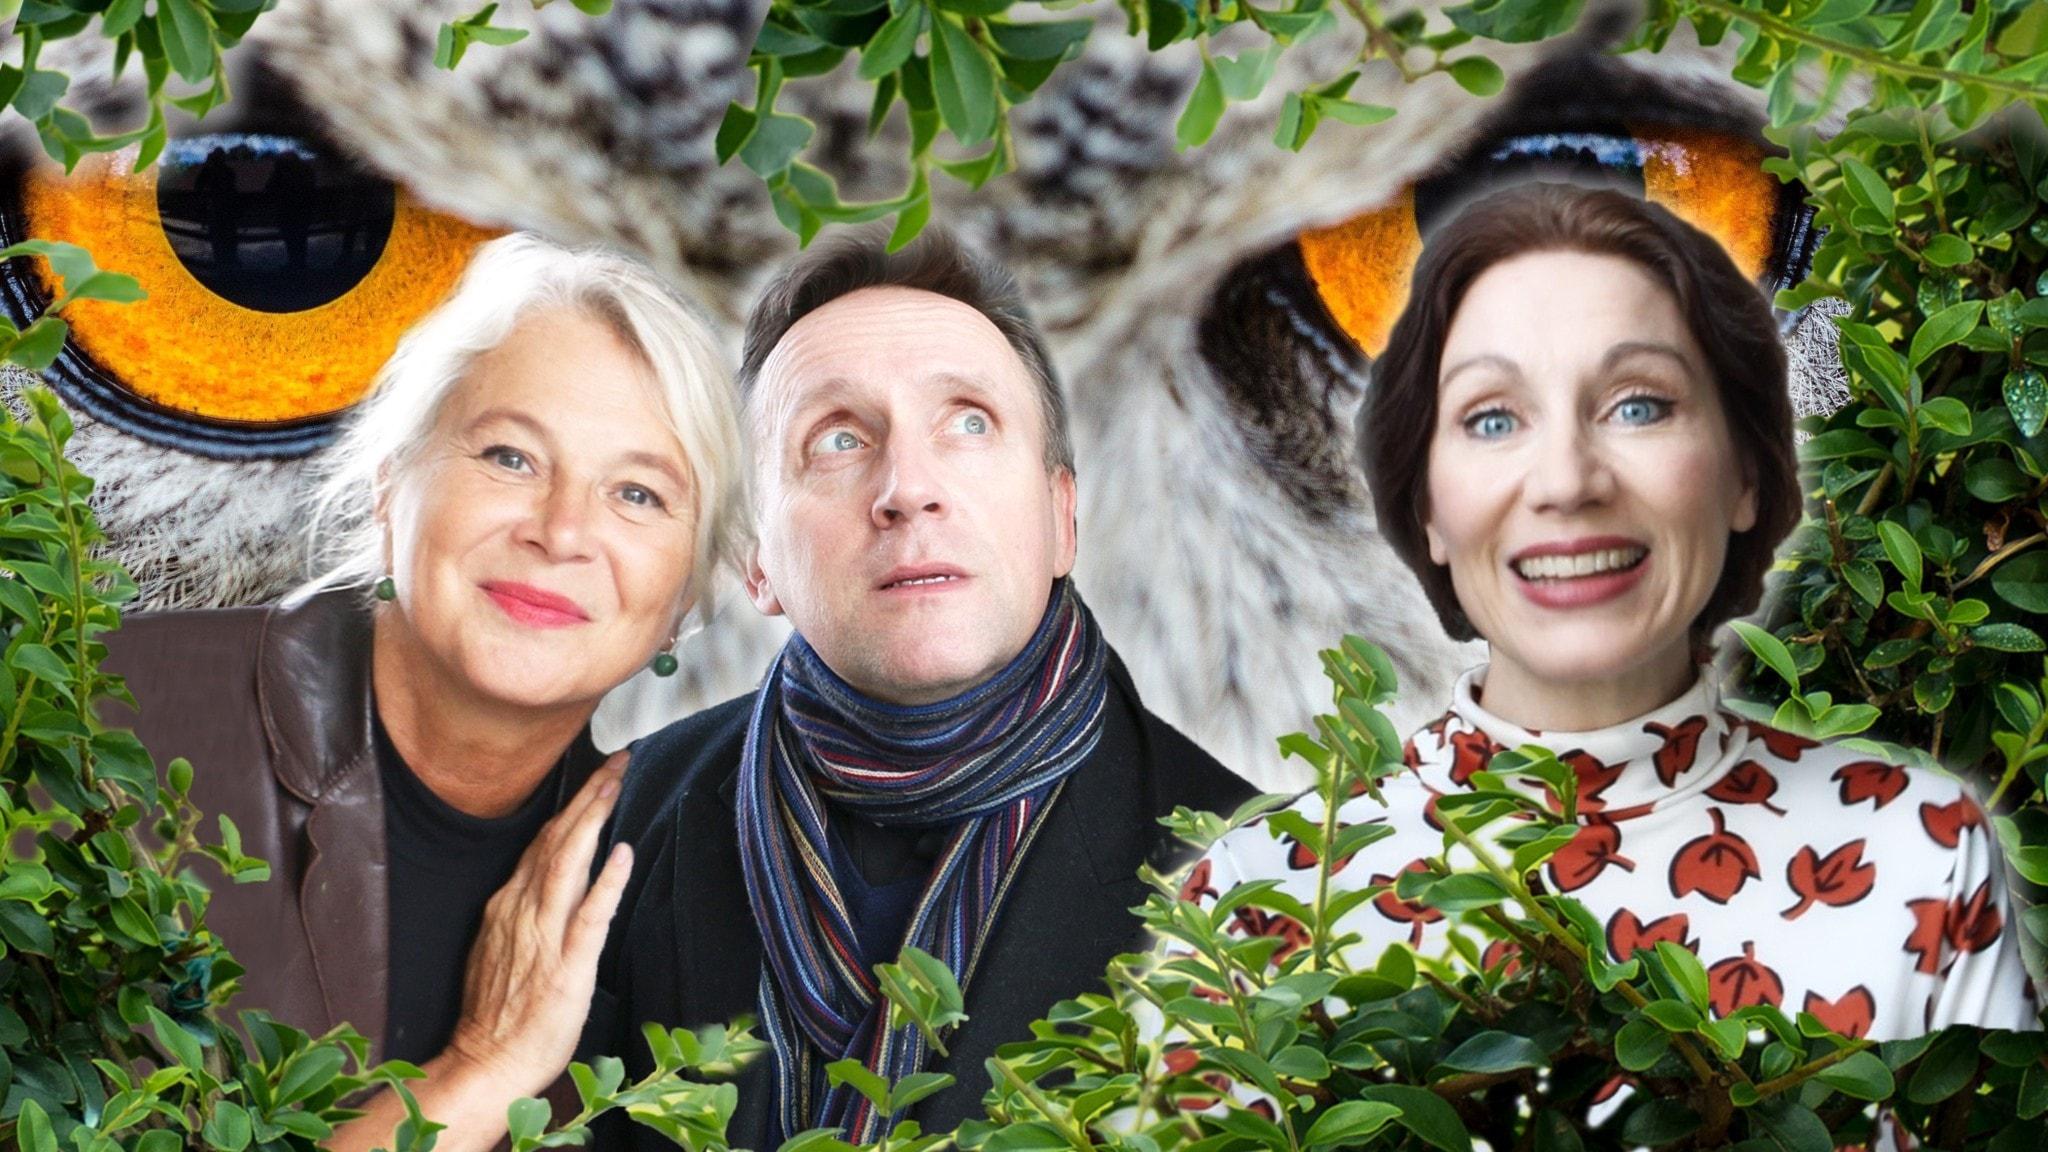 Spanarna Helena von Zweigbergk, Göran Everdahl & Katarina Barrling bjuder på framtidsvisioner med humor.